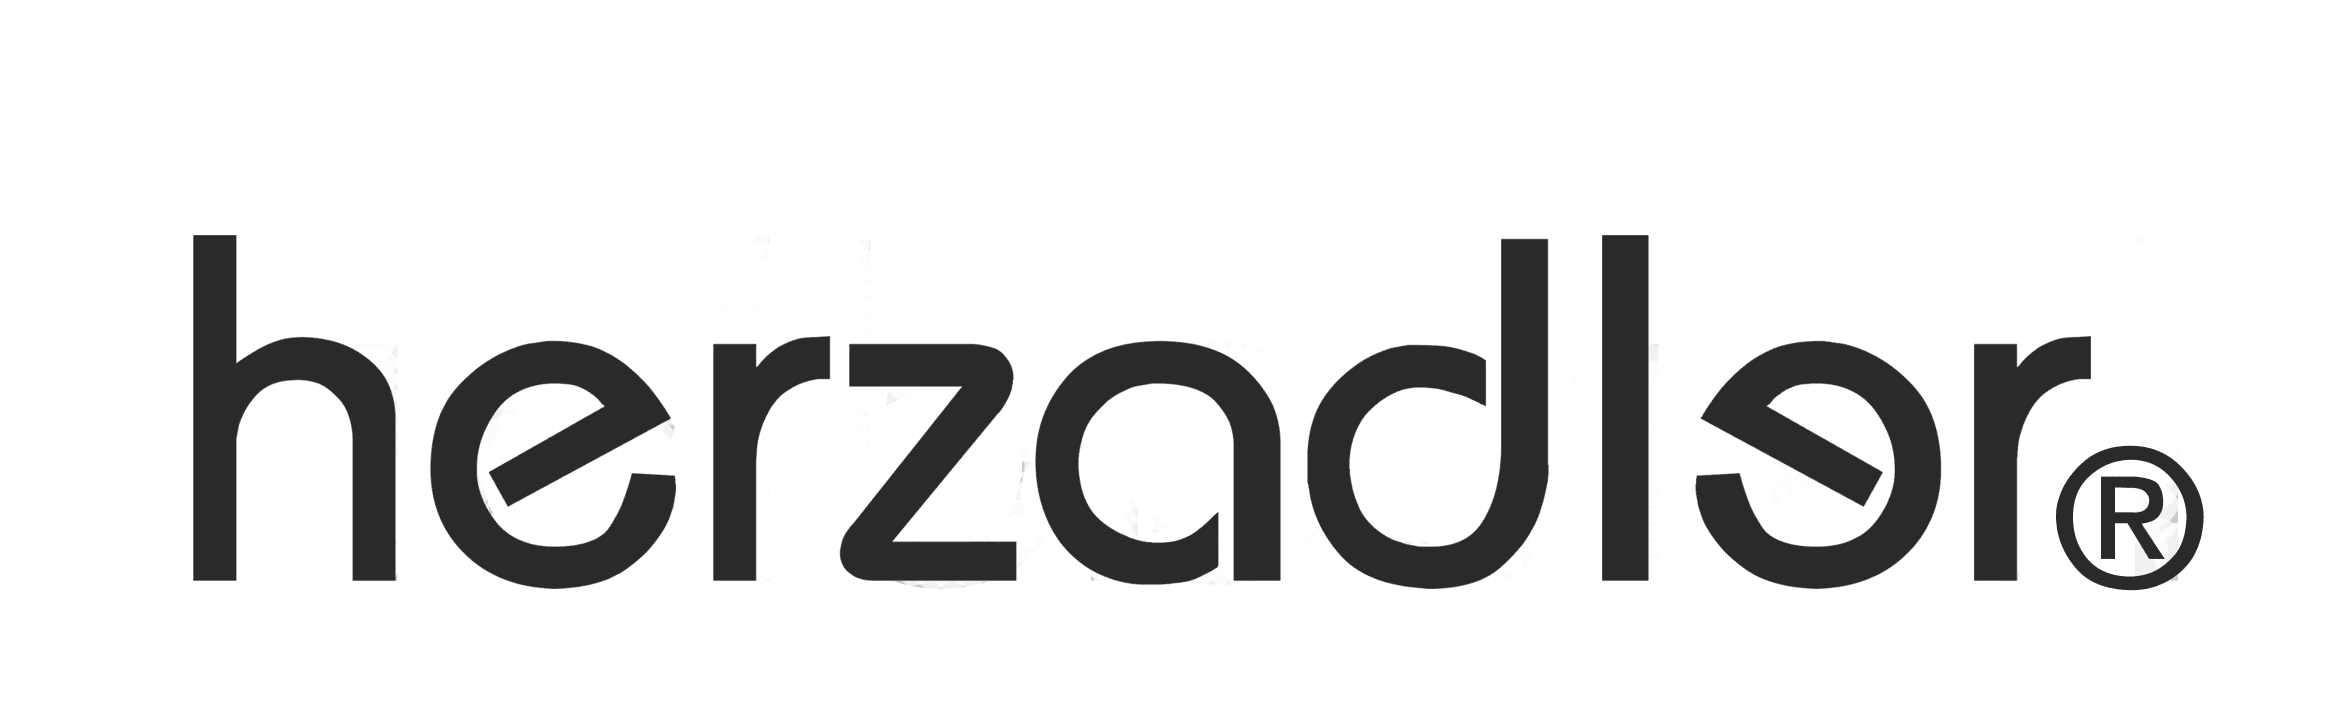 herzadler